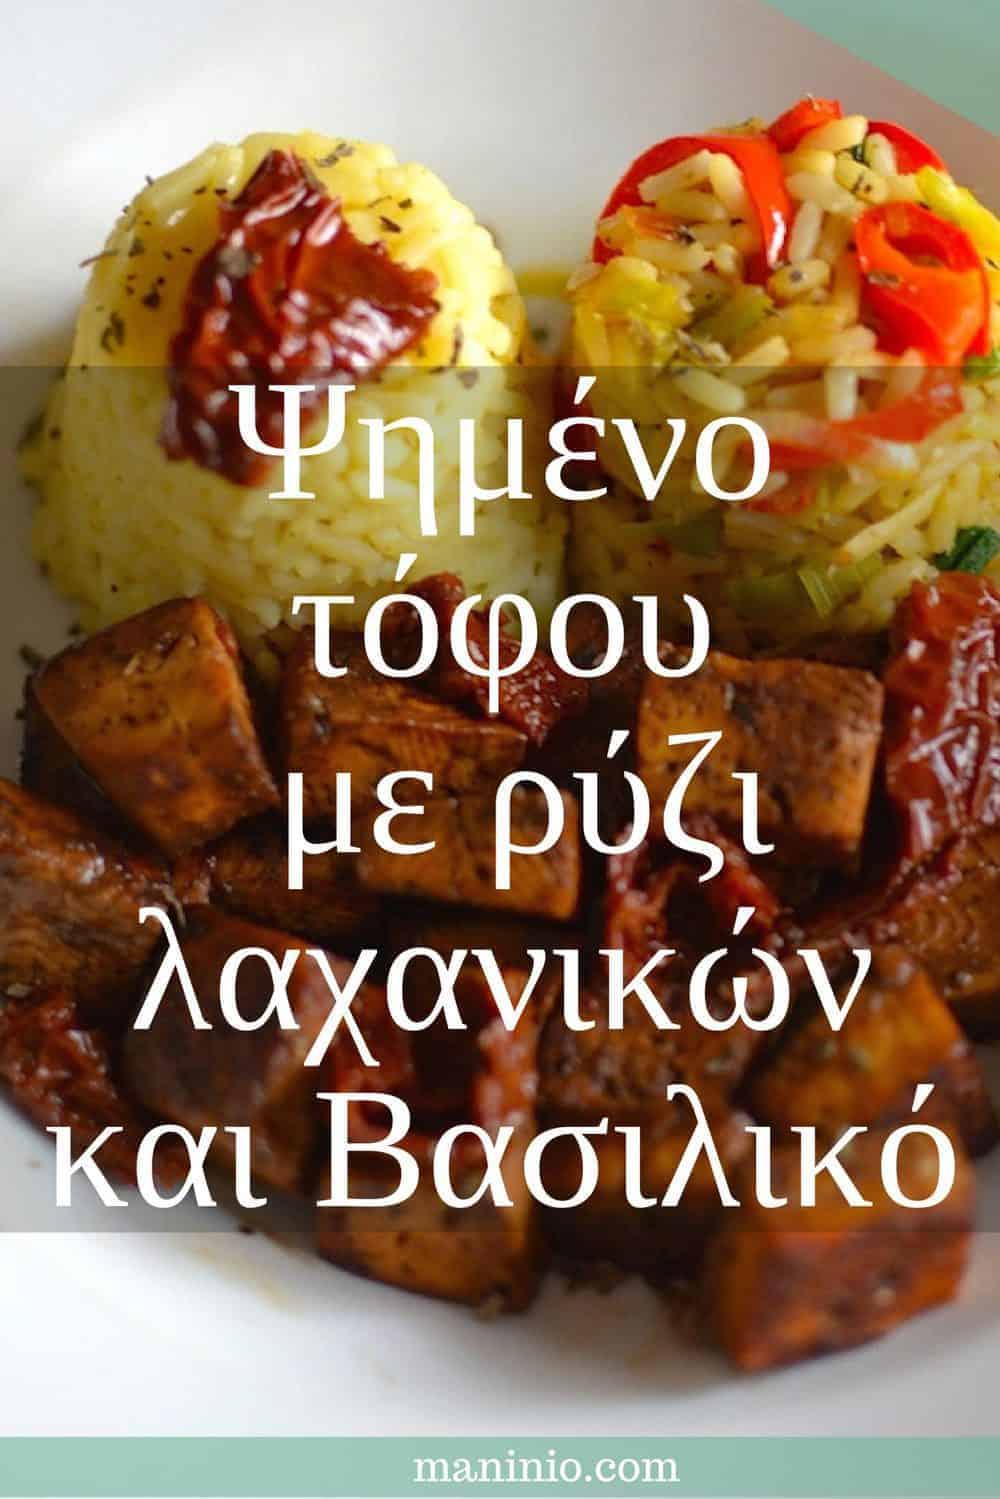 Ψημένο τόφου με ρύζι λαχανικών και Βασιλικό. maninio.com #τόφουμελαχανικά